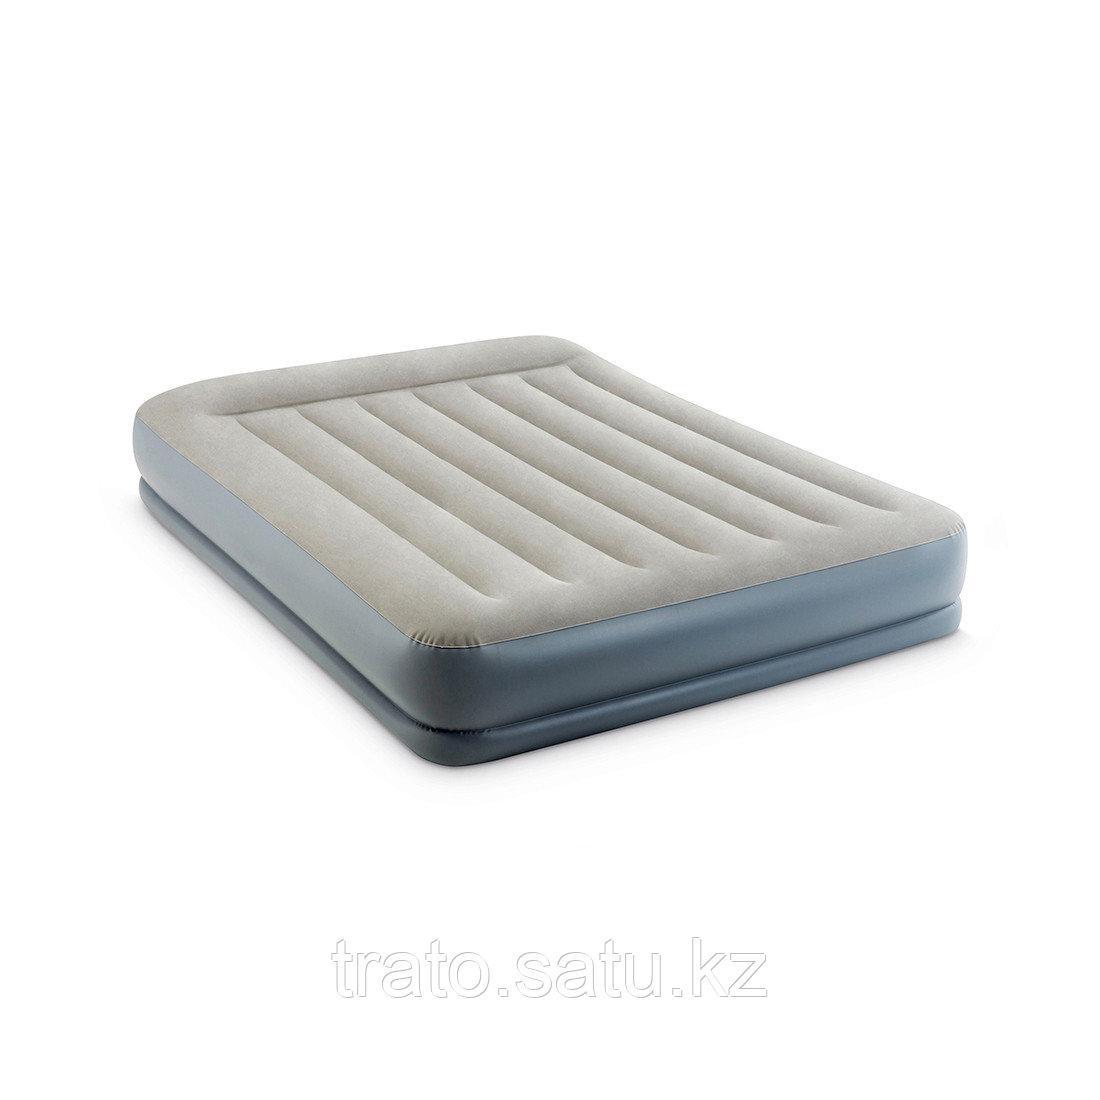 Матрас надувной Intex 203 х 152 х 30 см